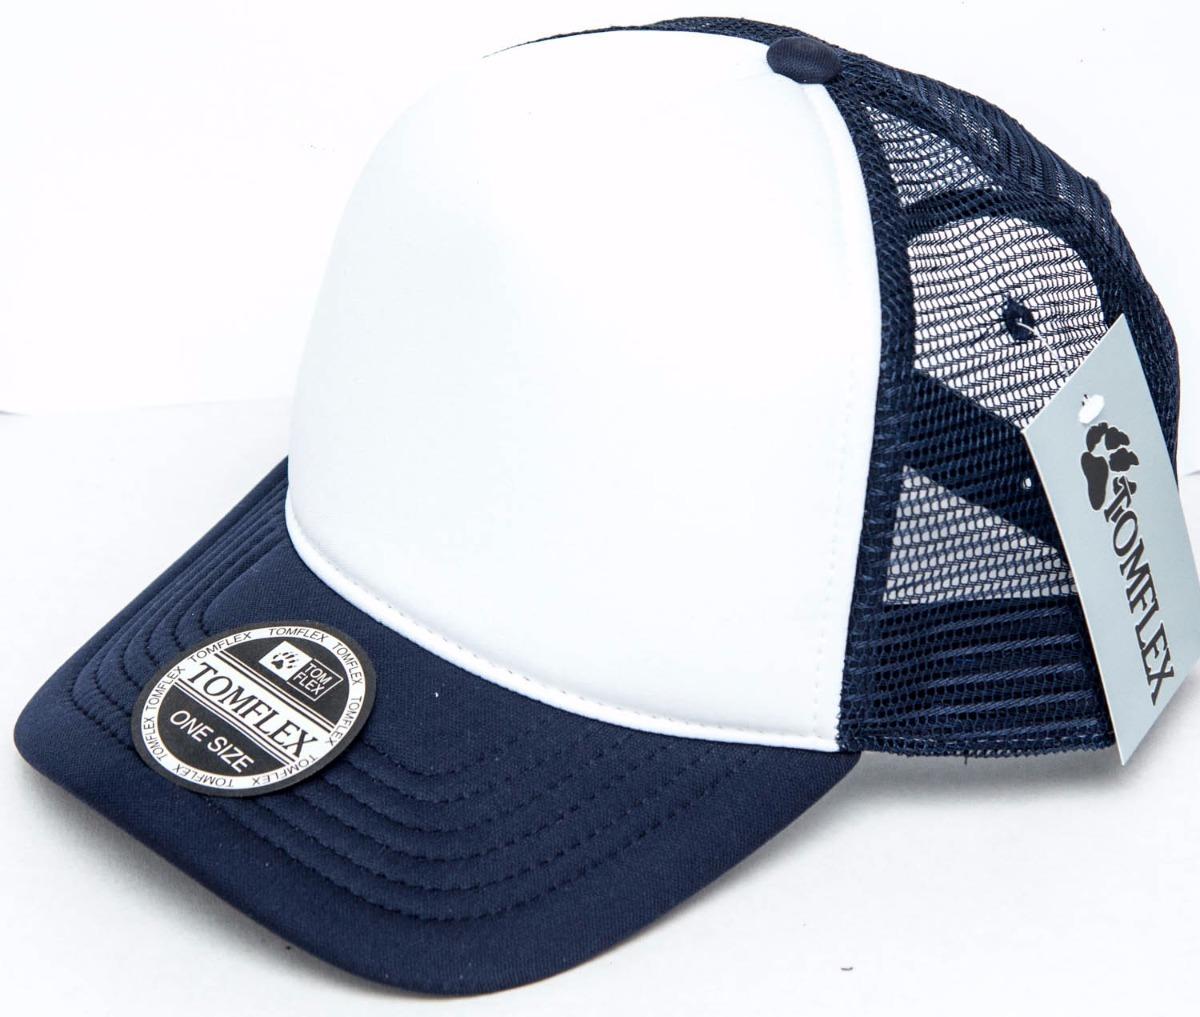 boné trucker tela azul marinho   branco justin bieber neymar. Carregando  zoom. c90a2043d41be